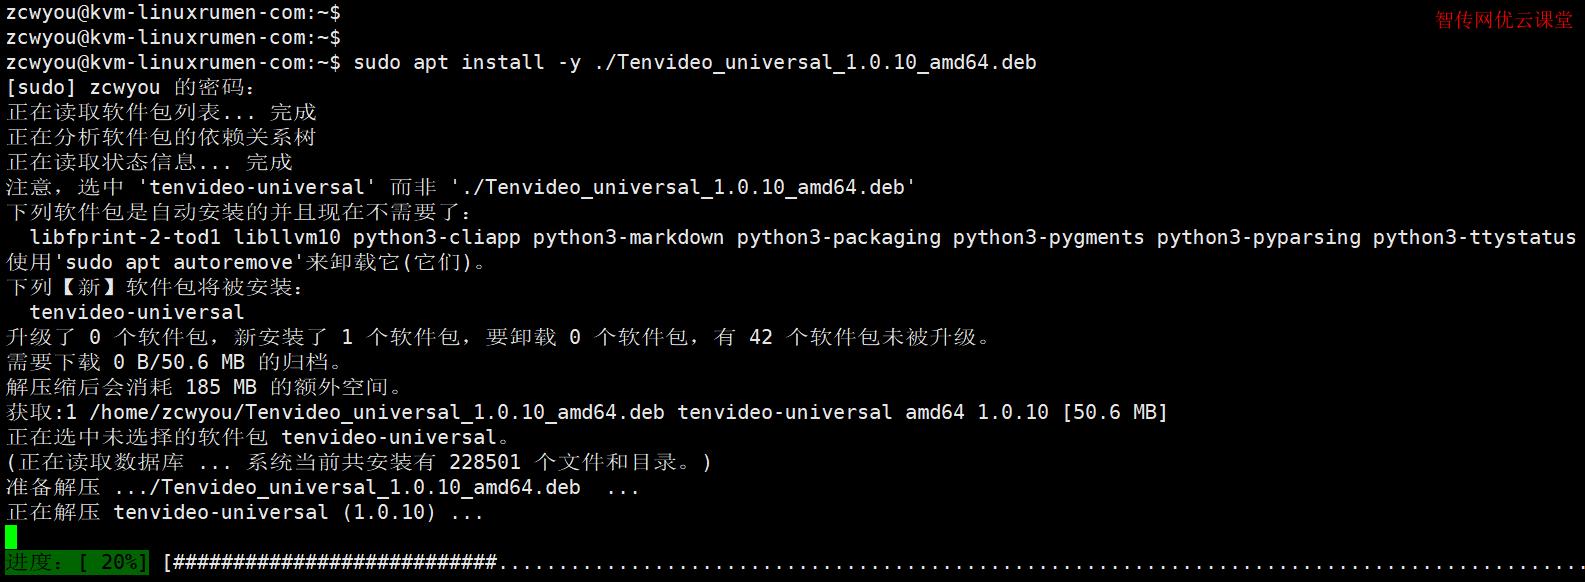 在Ubuntu系统上使用命令行安装腾讯视频